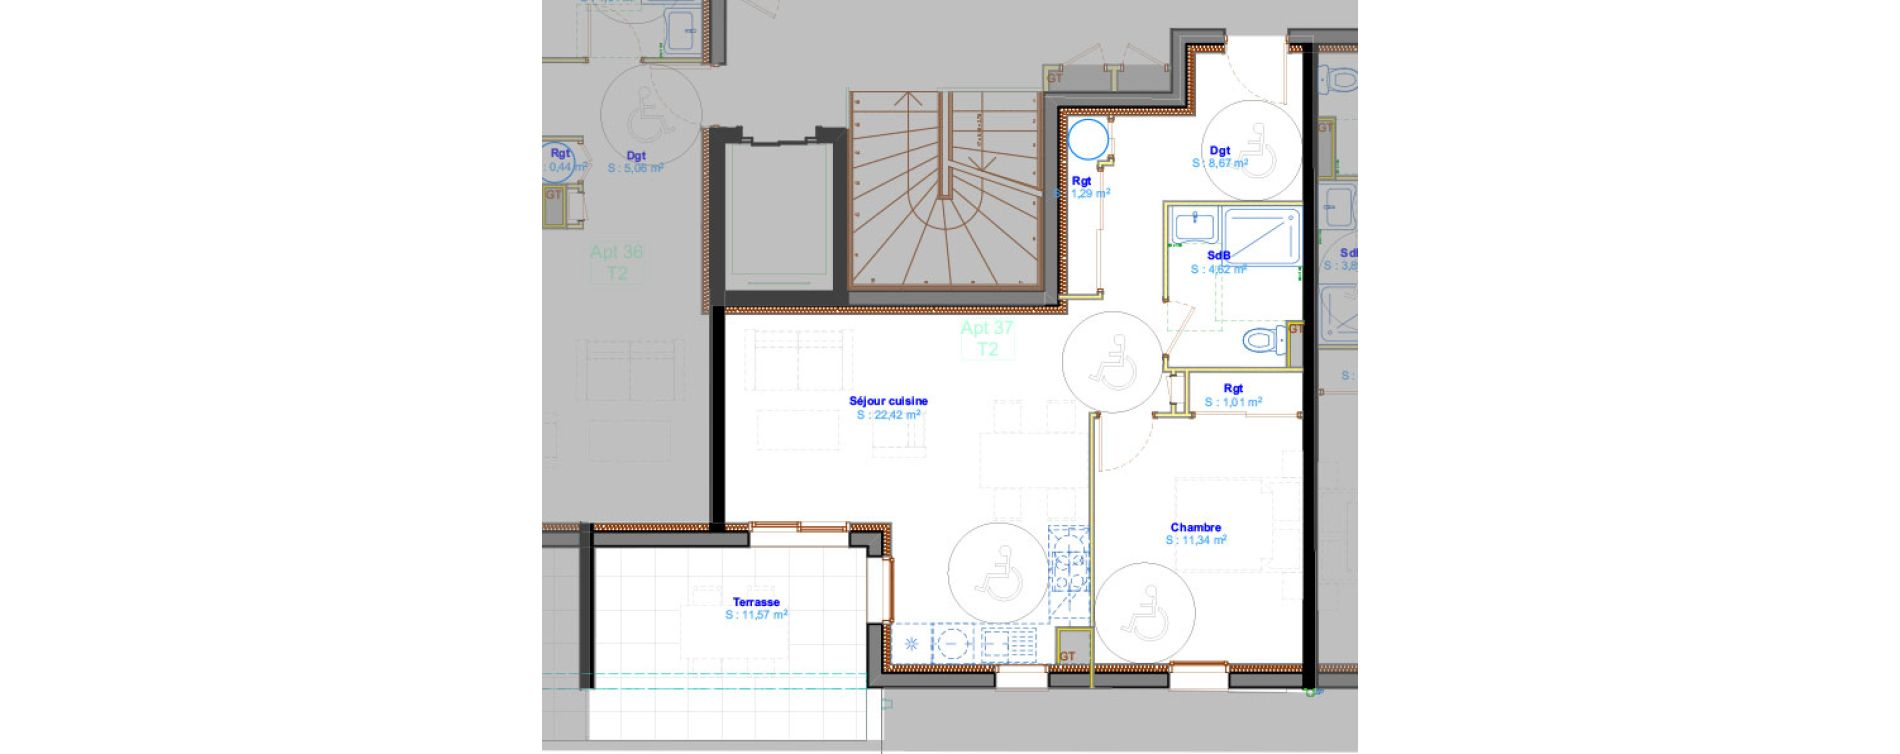 Appartement T2 de 49,35 m2 à Calvi Centre